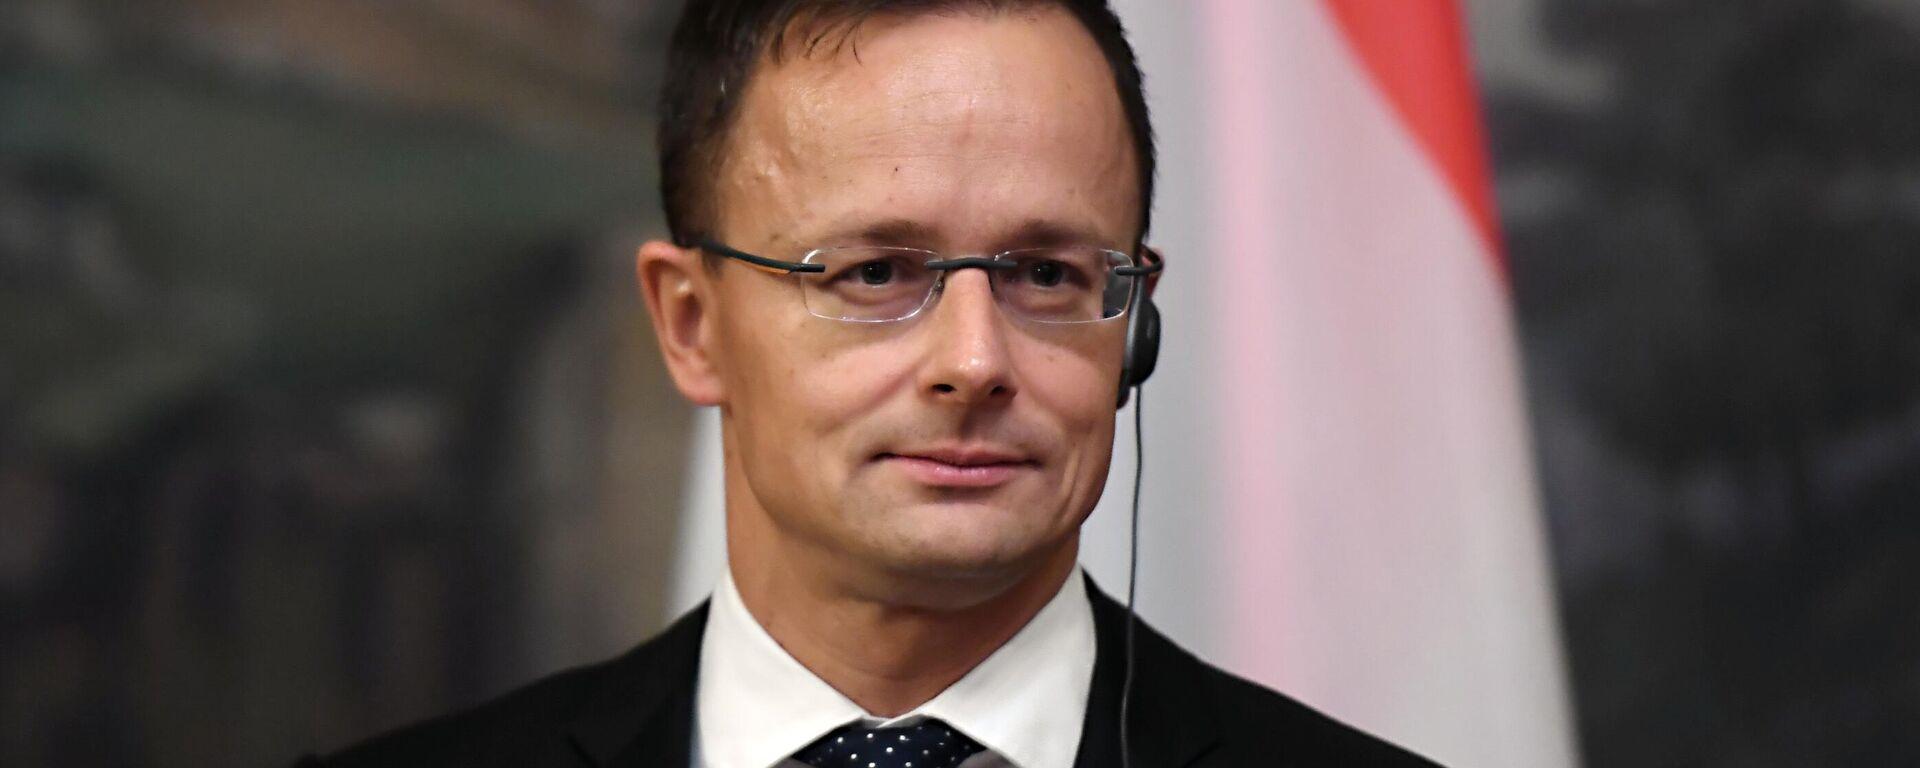 Peter Szijjarto, ministro de Exteriores de Hungría - Sputnik Mundo, 1920, 19.03.2021